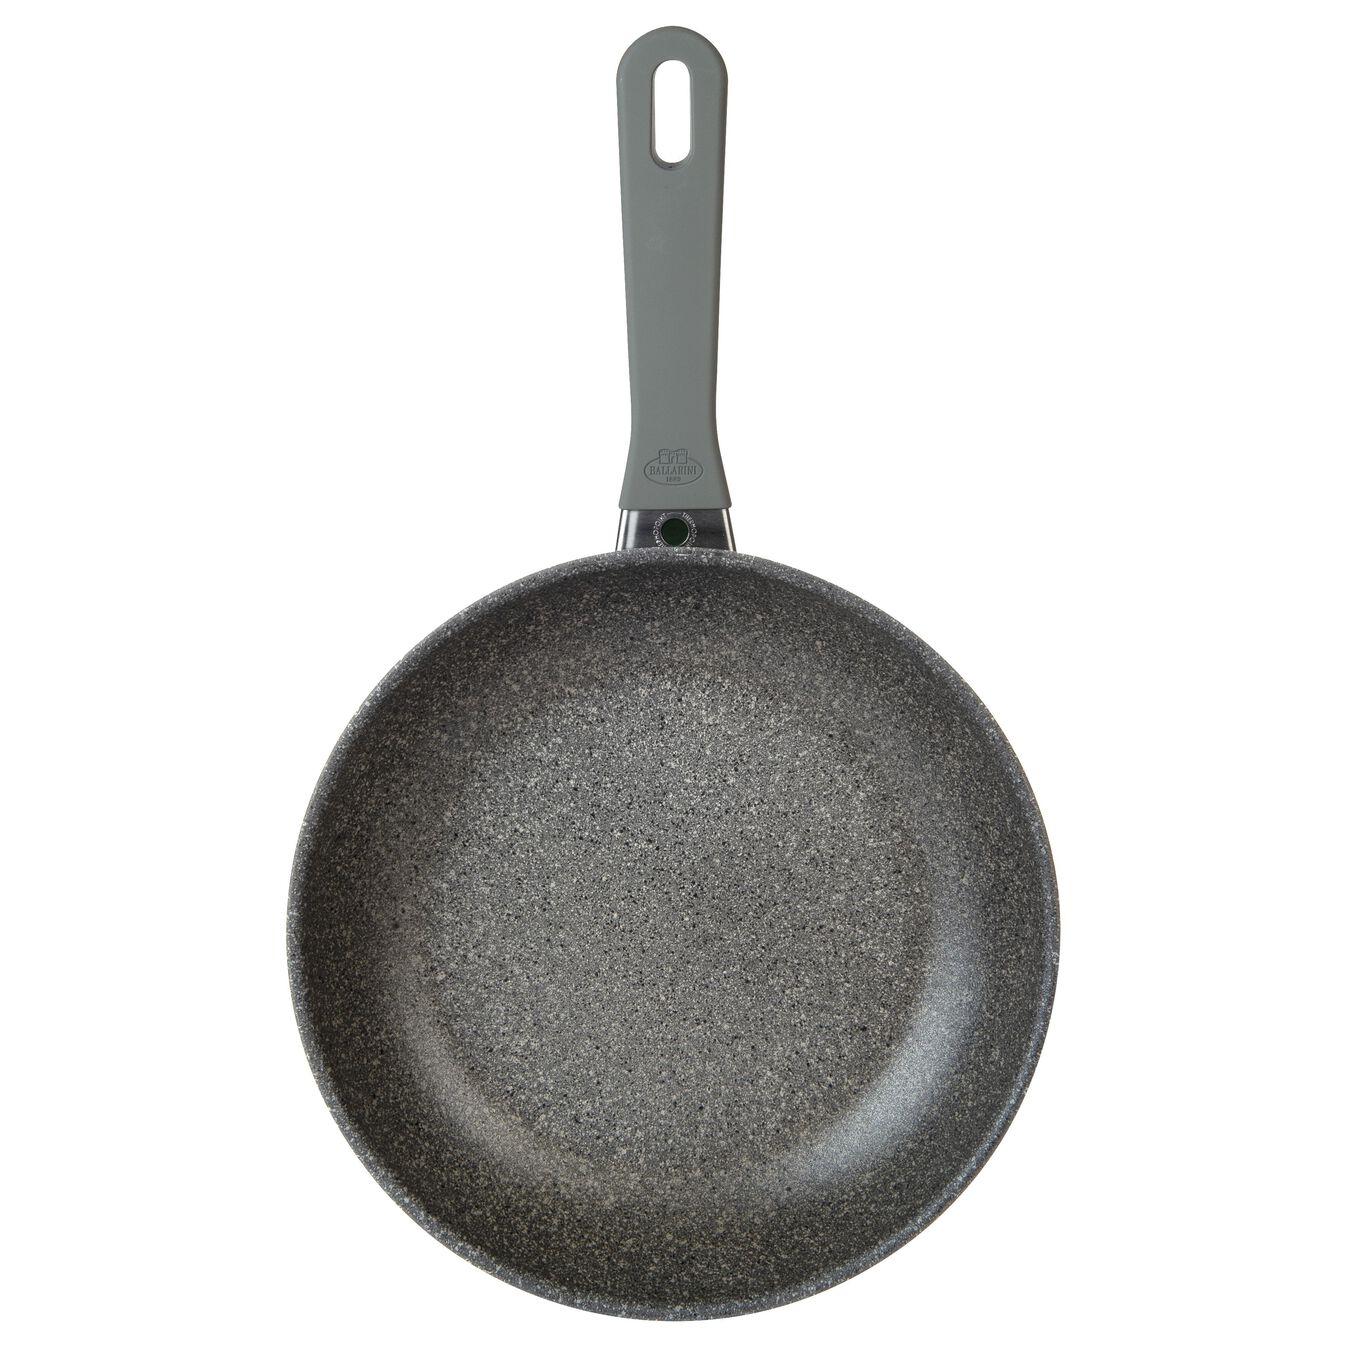 Bratpfanne 24 cm, Aluminium, Steinoptik grau,,large 3